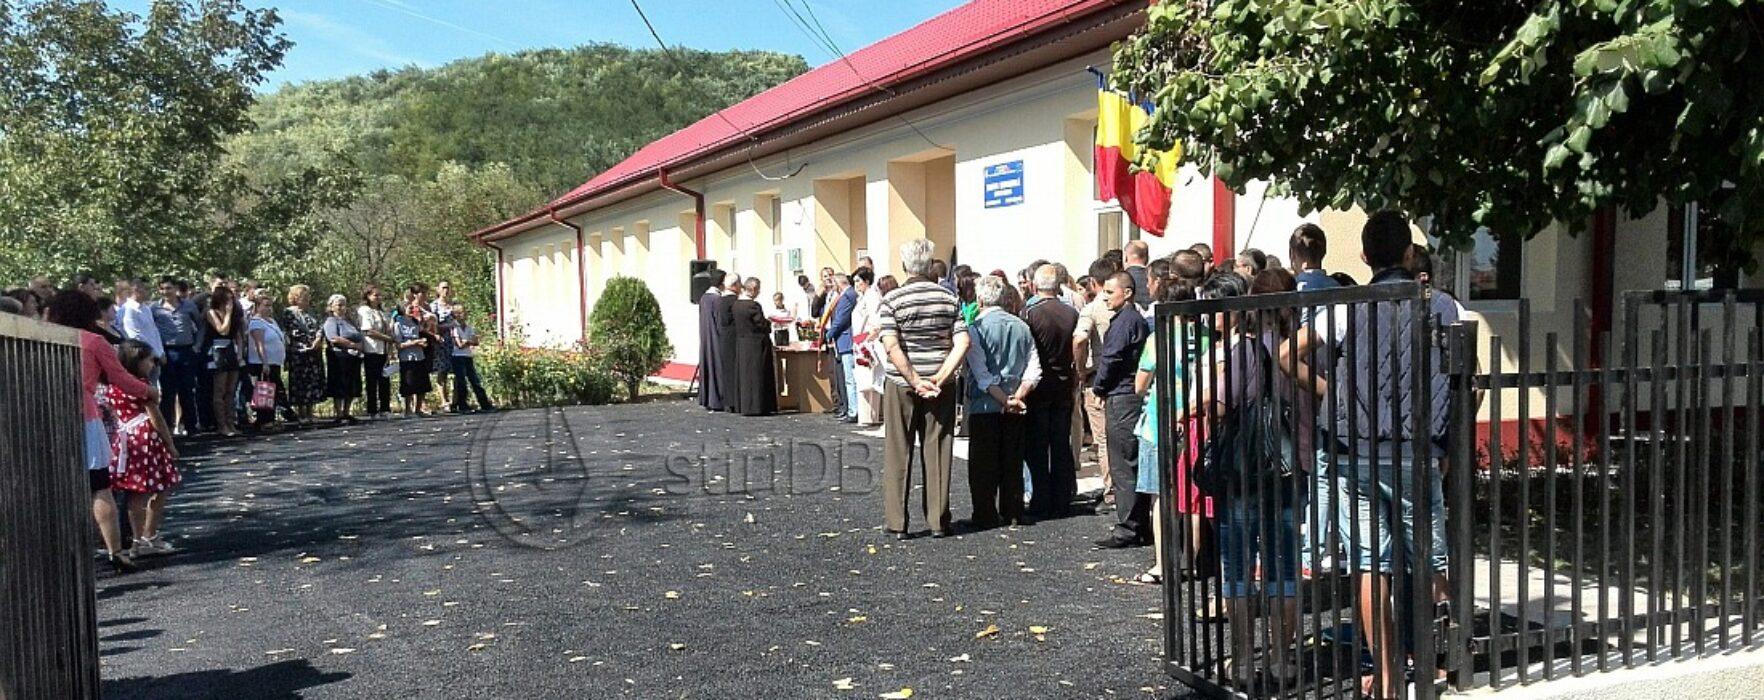 Şcoala generală din Valea Mare, inaugurată de ministrul Educaţiei, Remus Pricopie